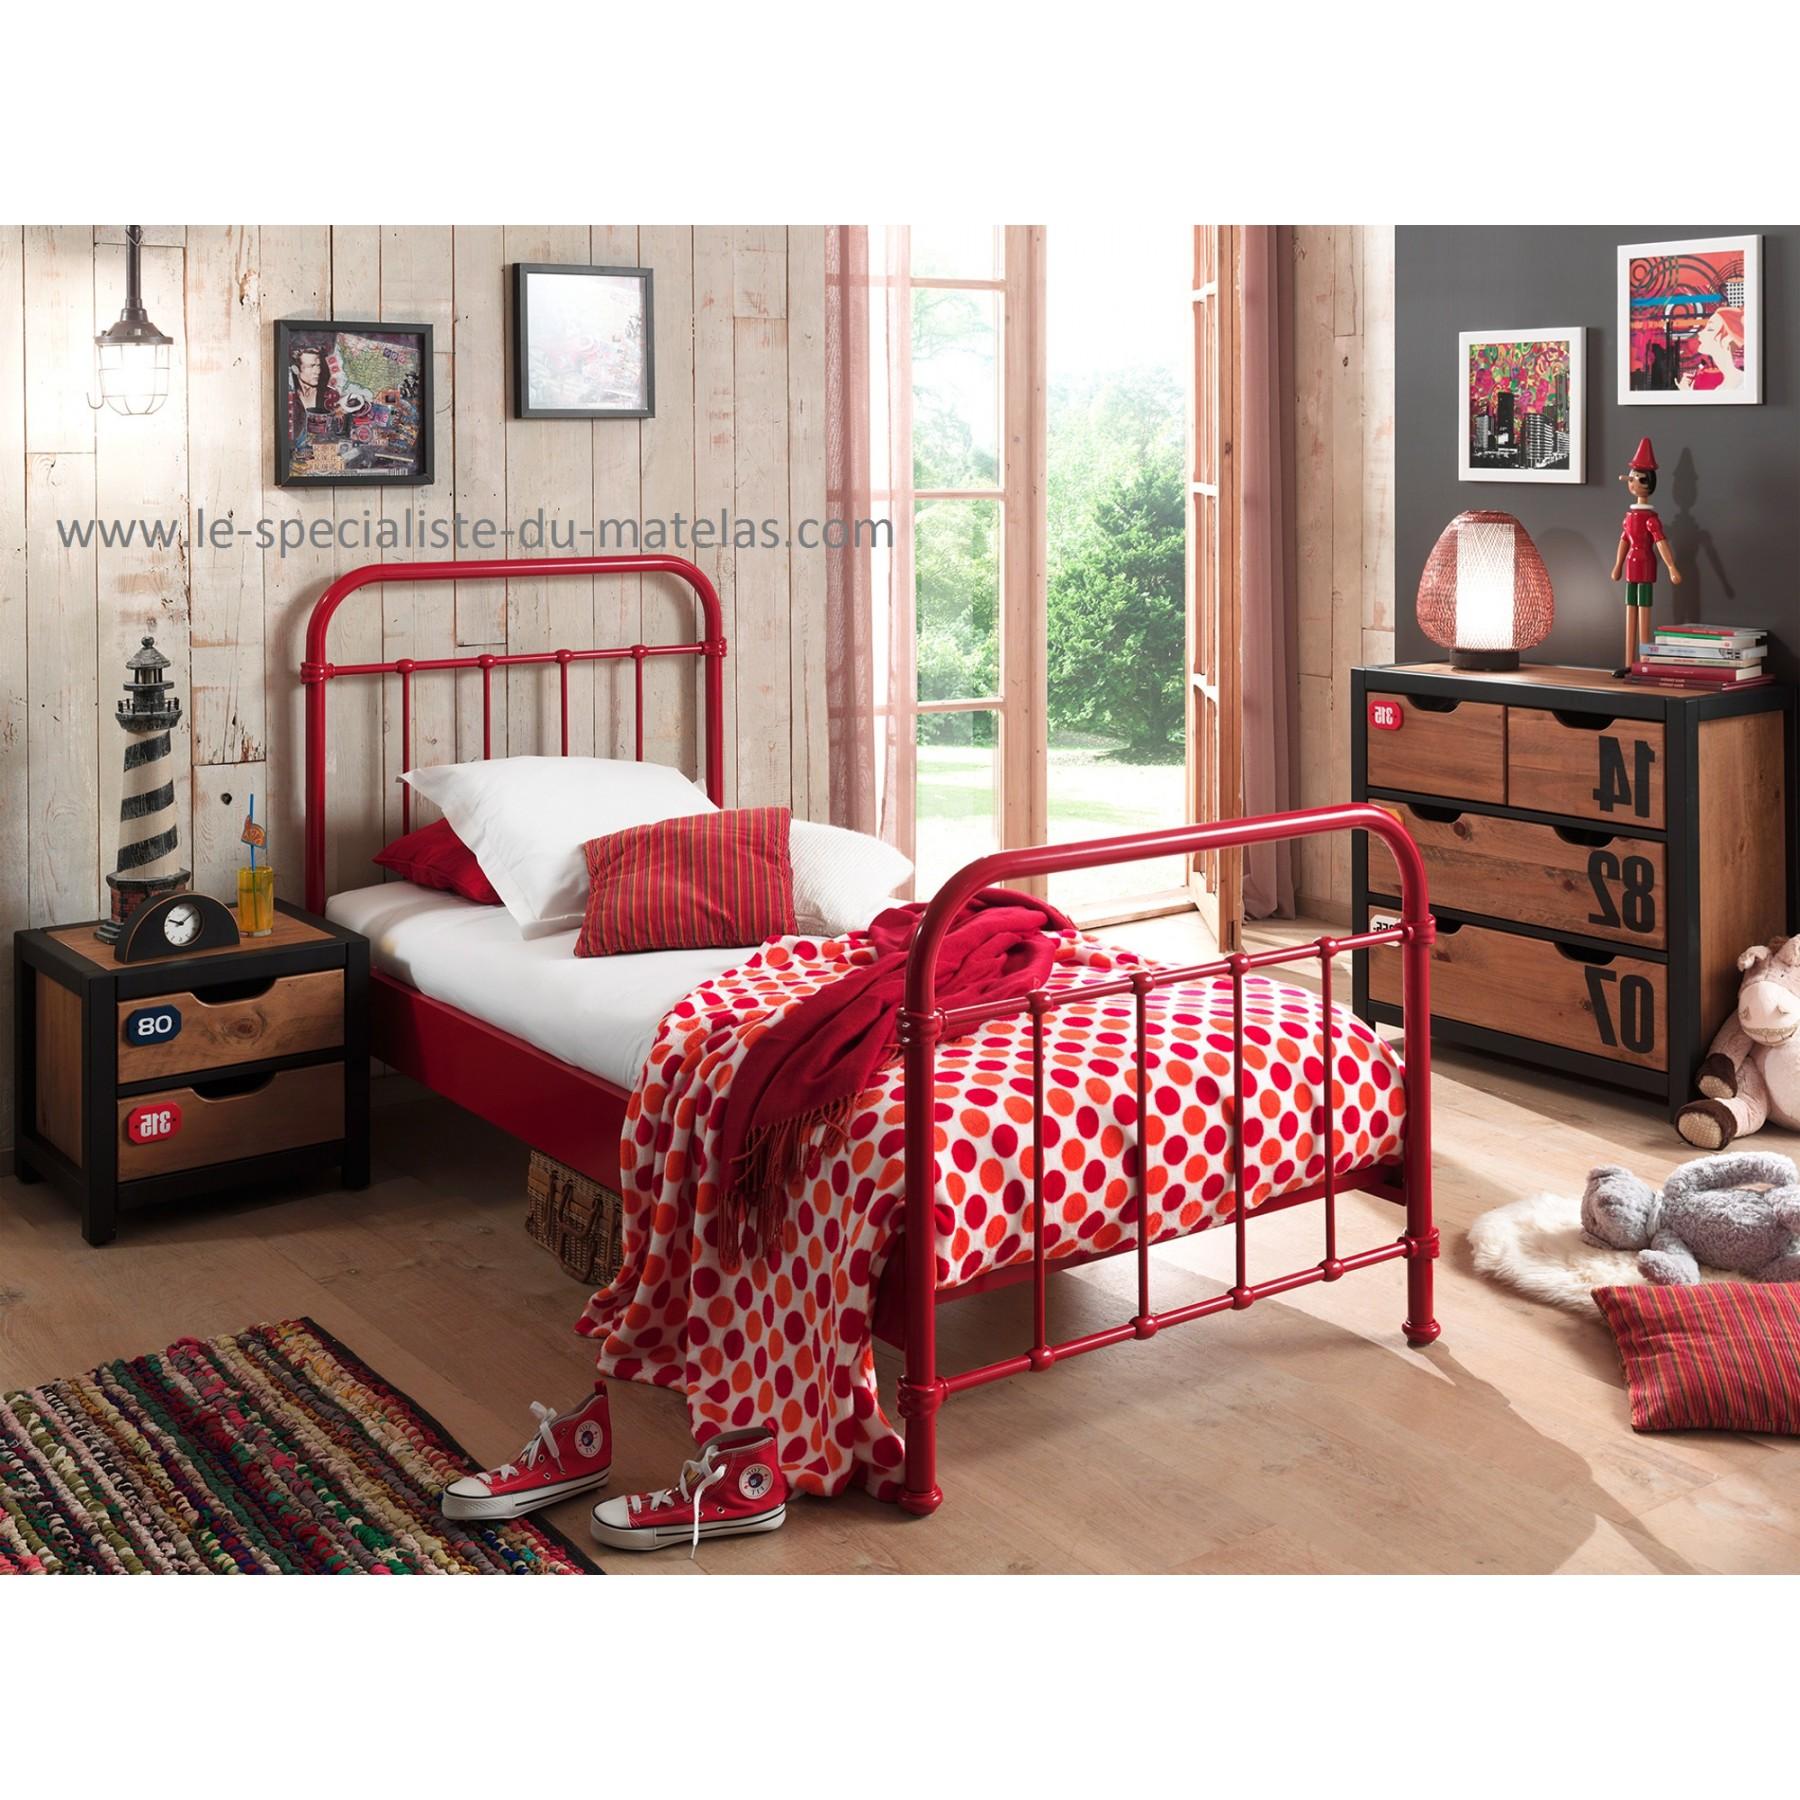 lit en fer new york le sp cialiste du matelas. Black Bedroom Furniture Sets. Home Design Ideas